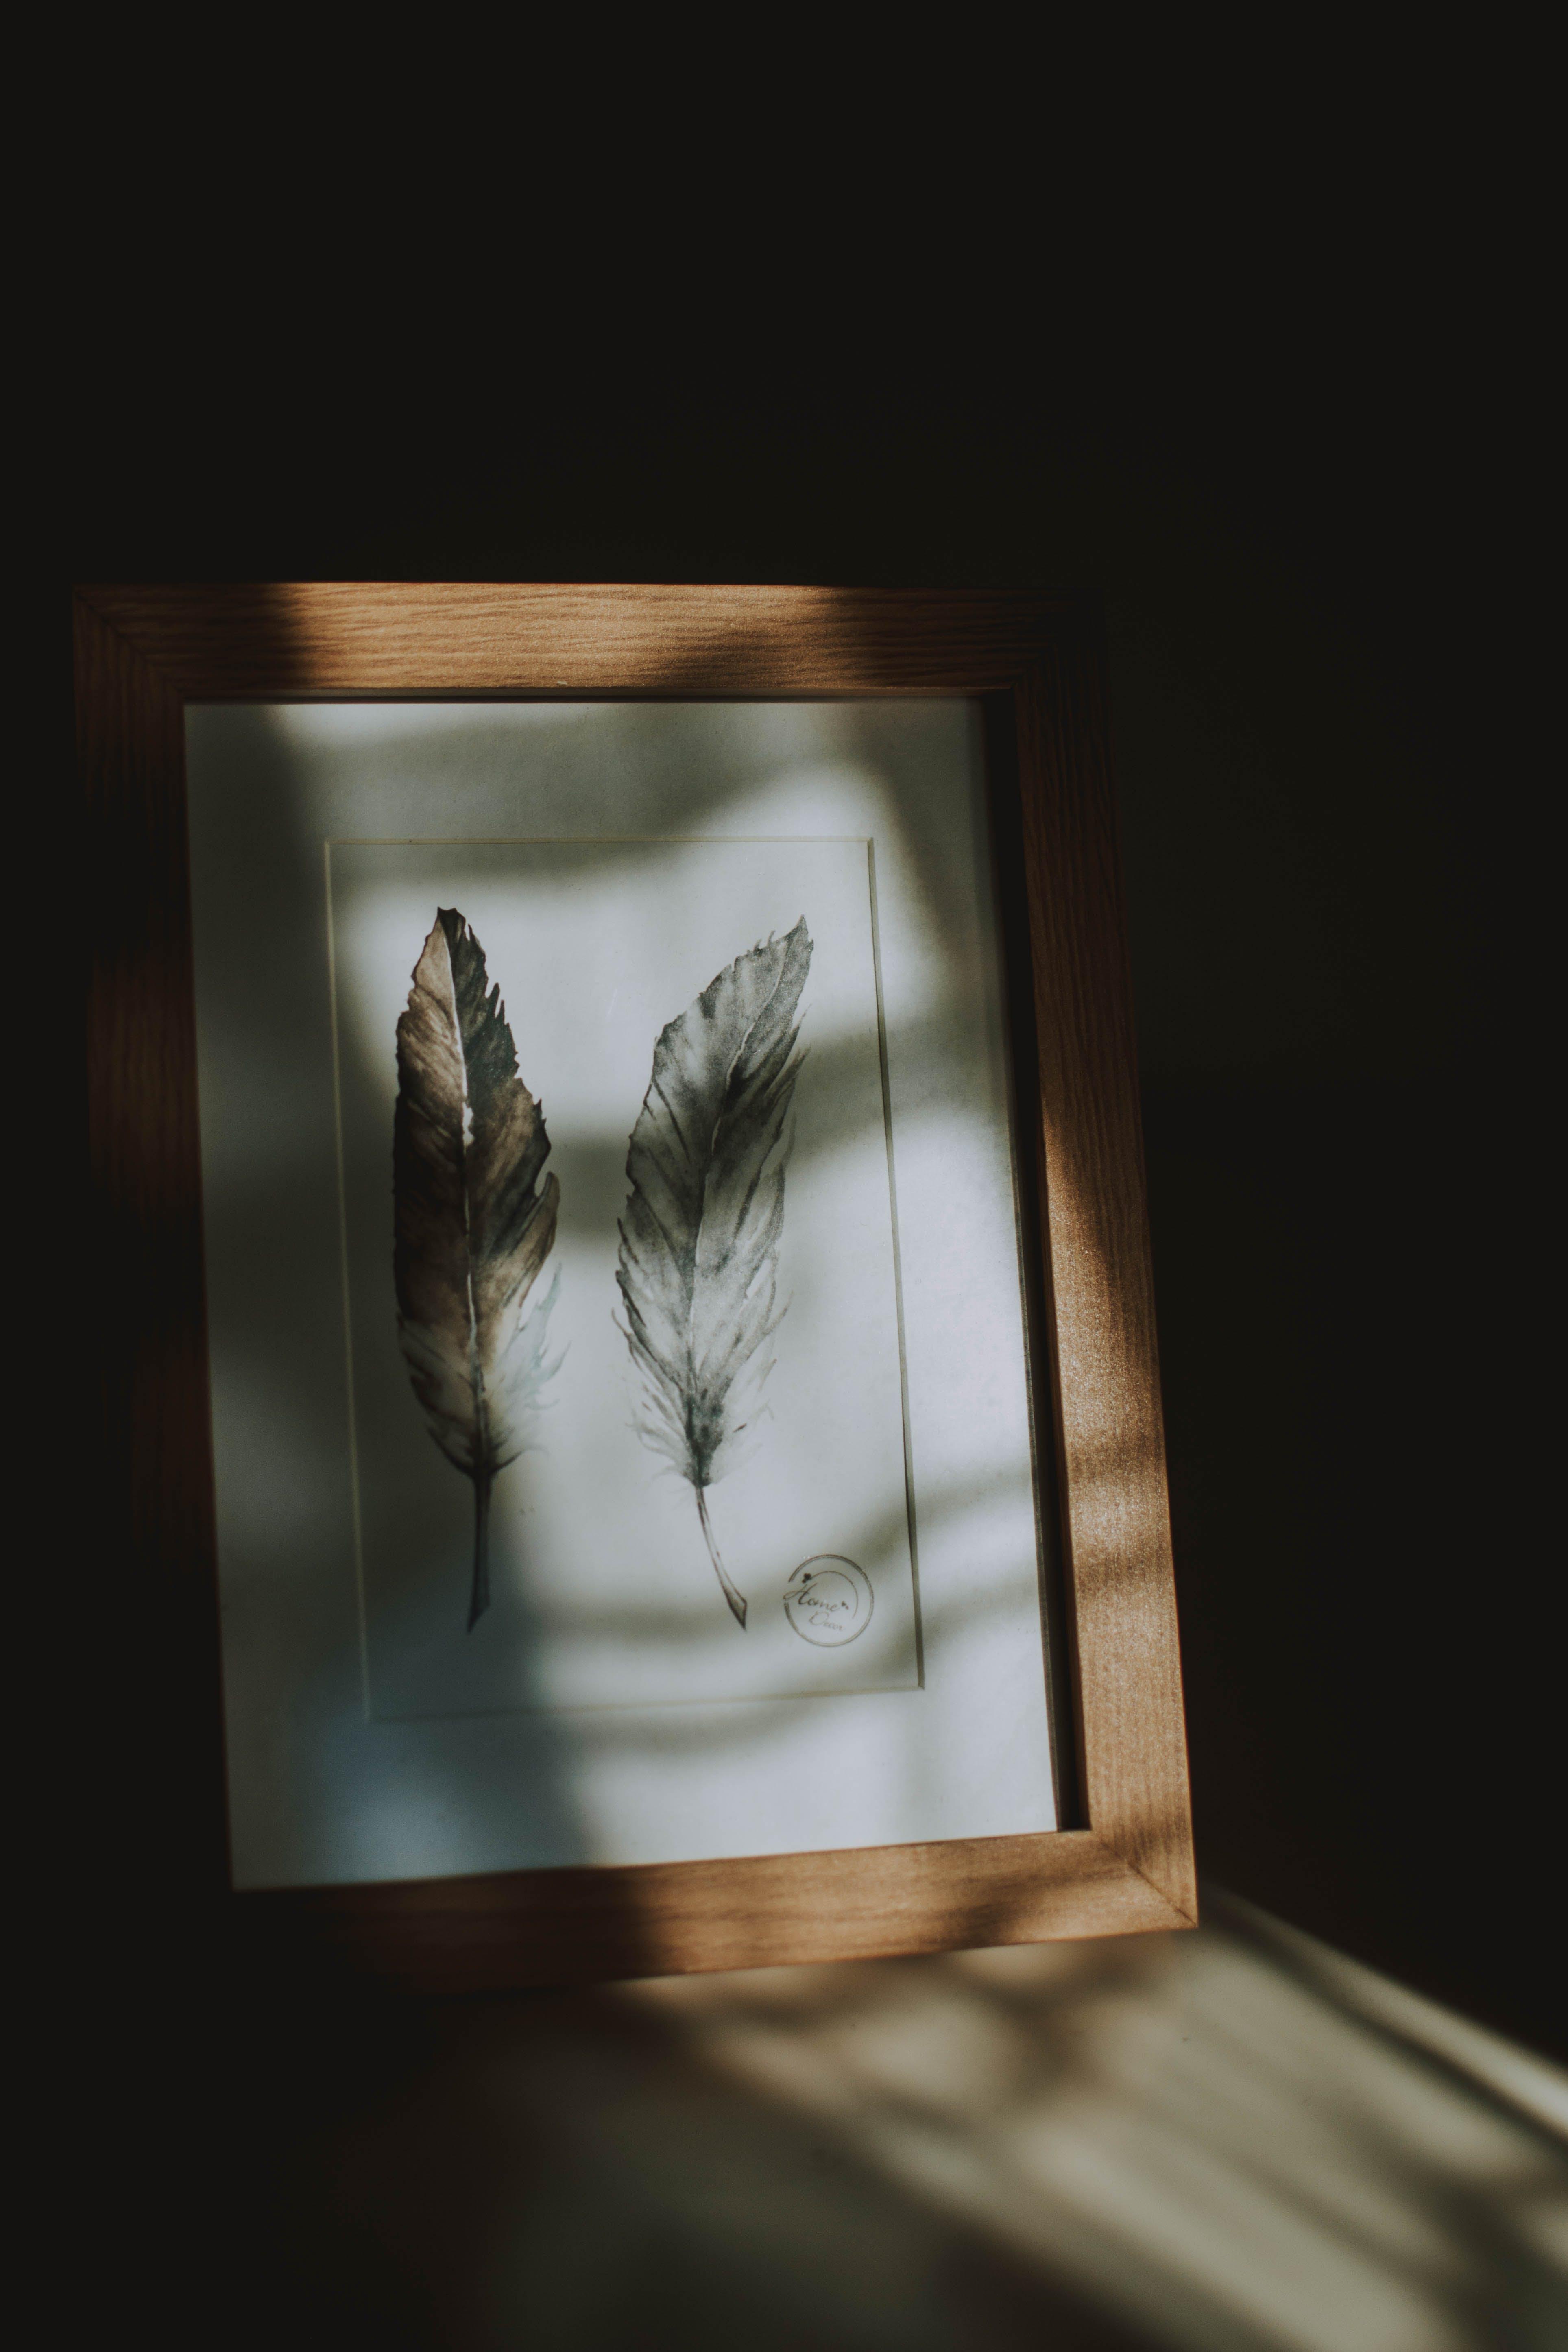 Kostenloses Stock Foto zu abbildung, aquarell, bilderrahmen, dekoration